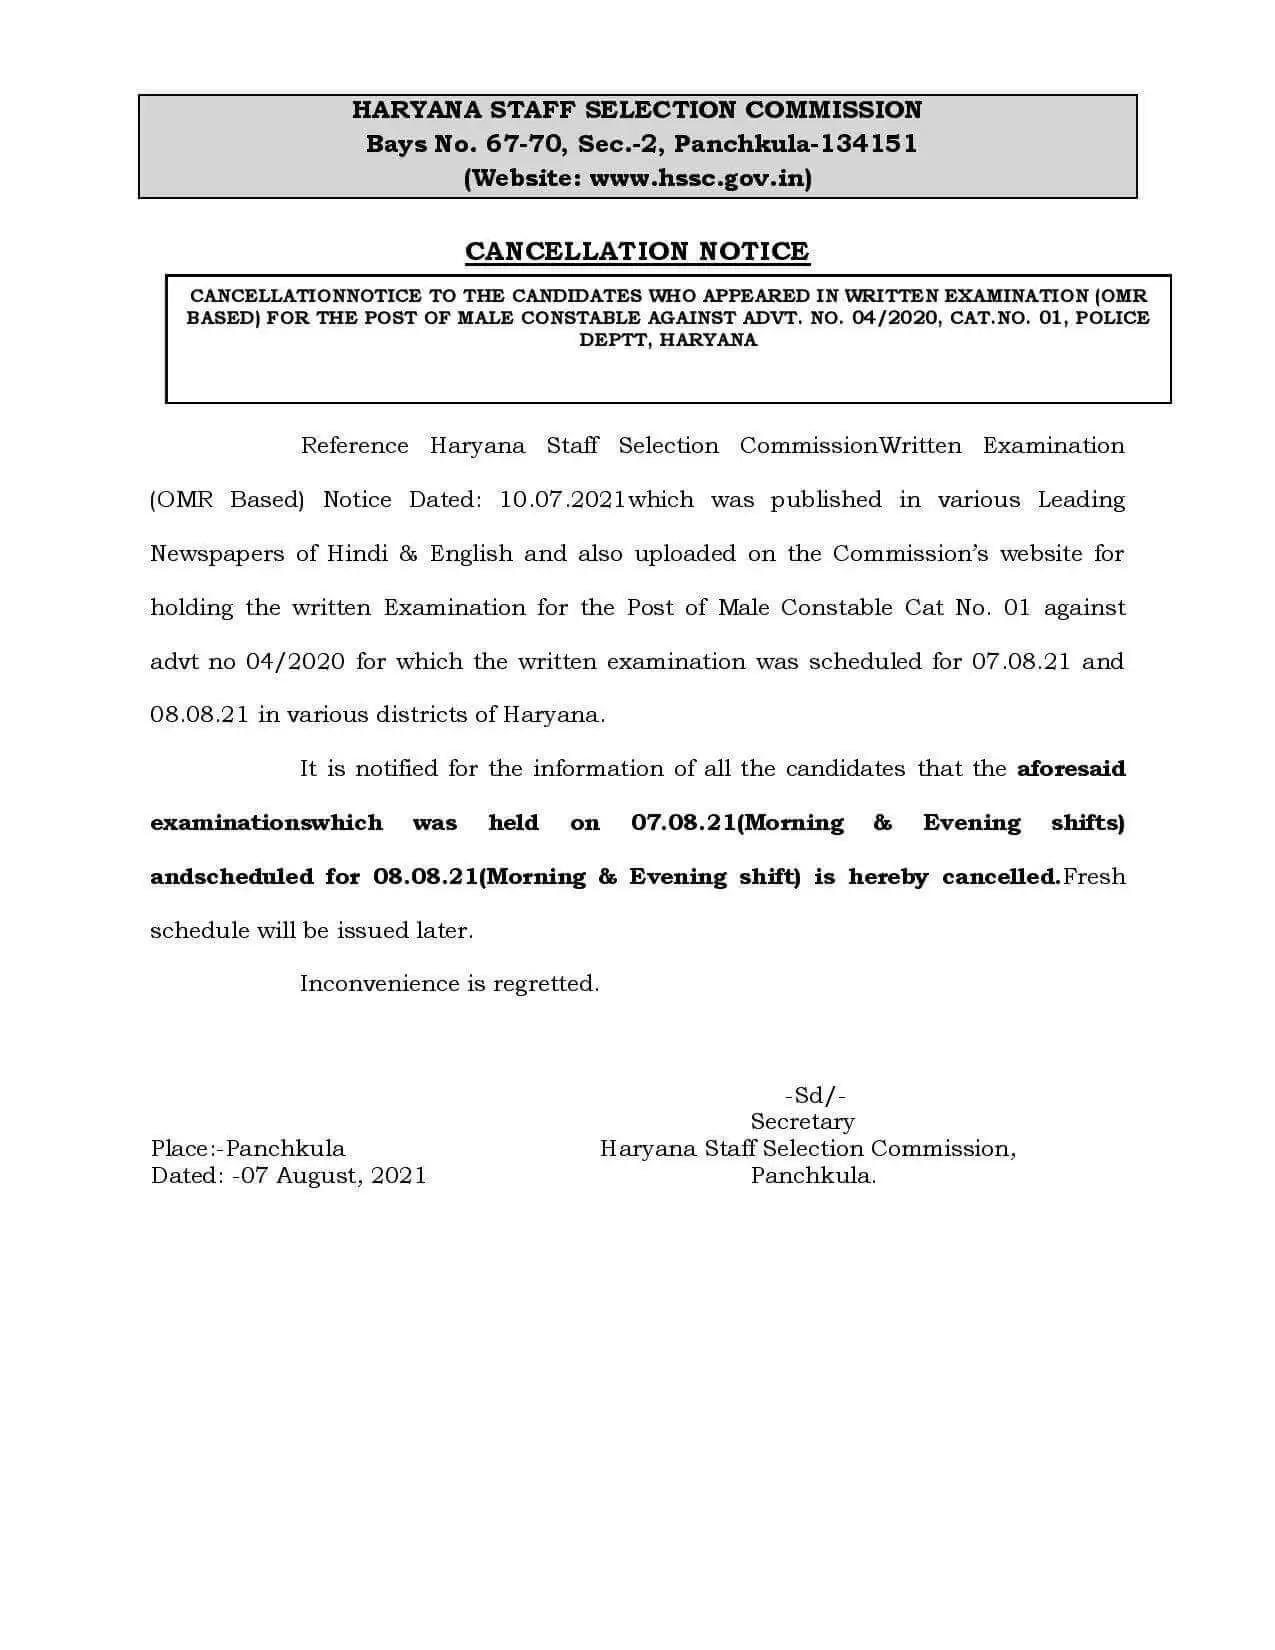 Haryana Police Constable Exam Cancel 2021 : हरियाणा पुलिस की कांस्टेबल भर्ती परीक्षा हुई रद्द